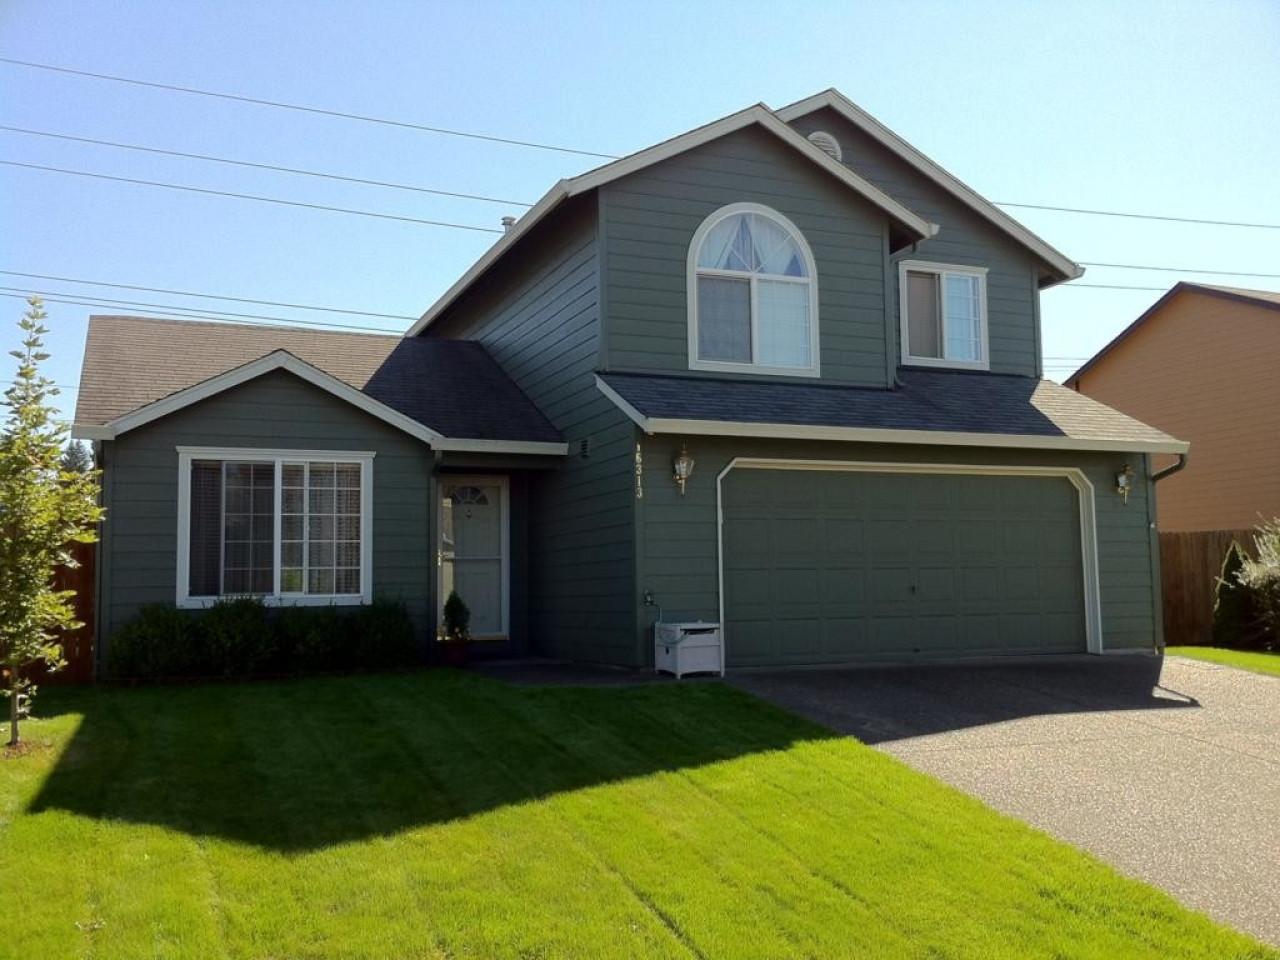 Best ideas about Home Depot Exterior Paint Colors . Save or Pin Behr exterior paint home depot exterior house paint color Now.